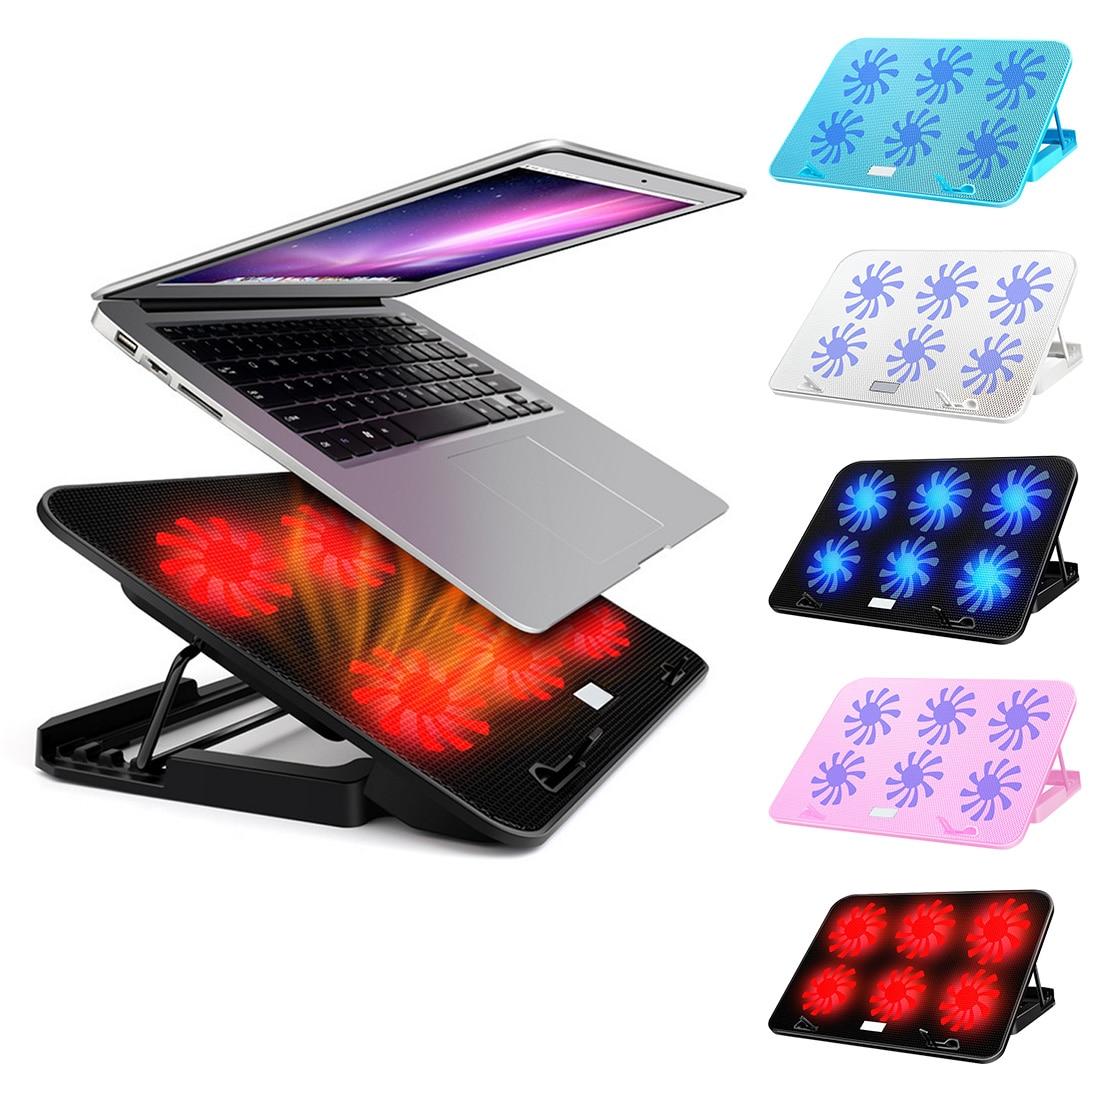 NOYOKERE ordinateur portable tapis de refroidissement LED refroidisseur d'ordinateur portable 14-15.6 pouces 6 ventilateur de refroidissement support plaque muet refroidisseur pour processeur - 2